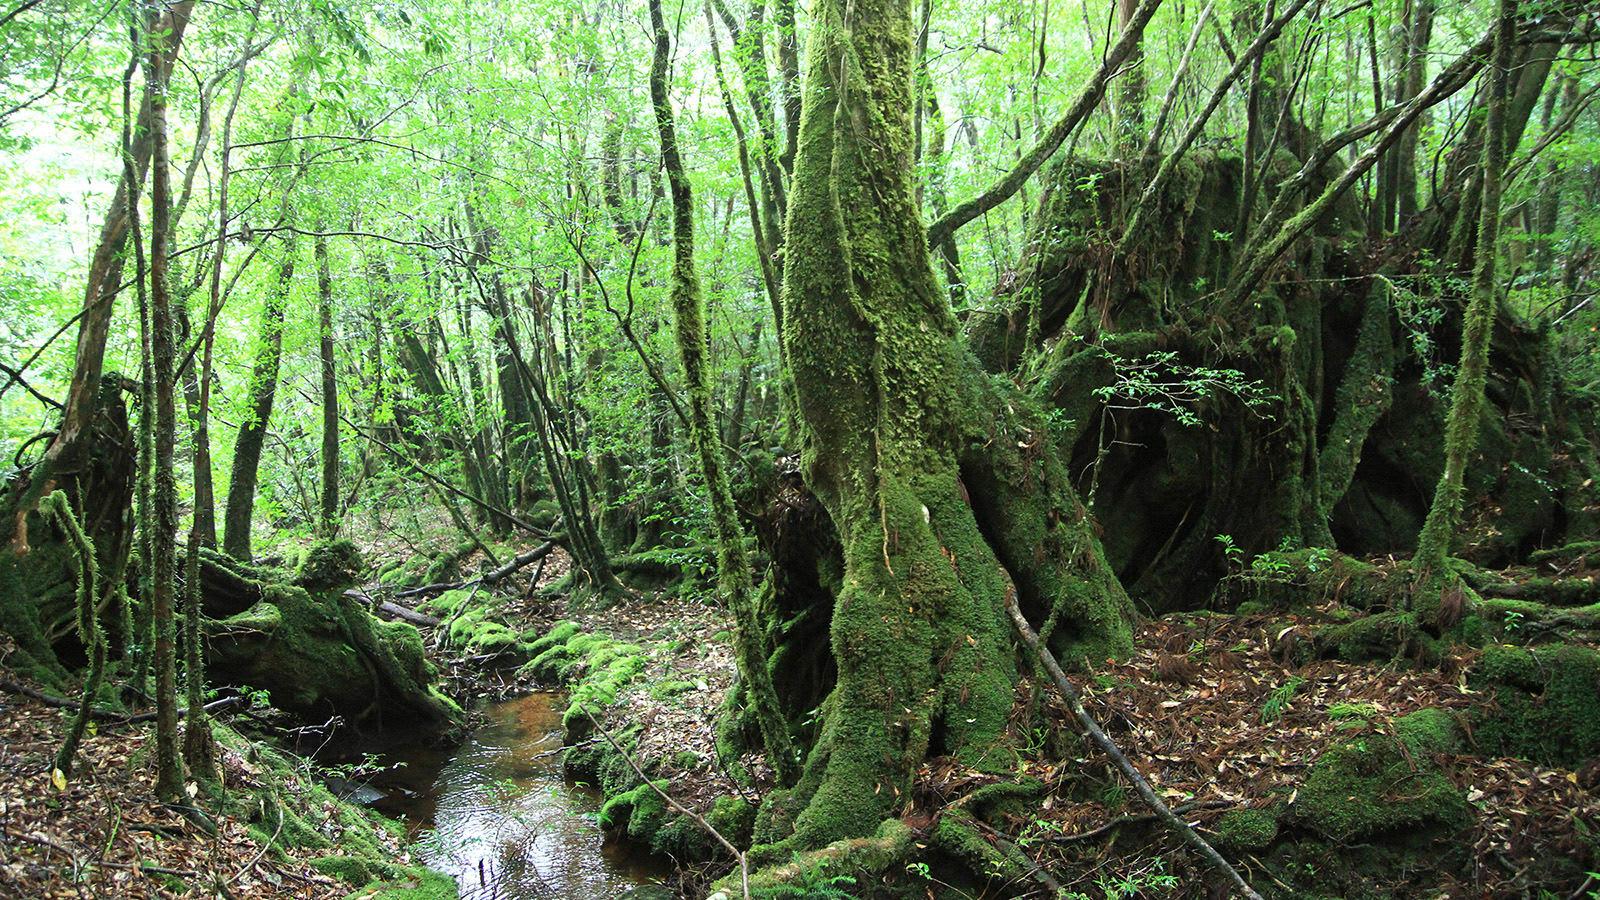 du lịch yakushima - cây cổ thụ phủ rêu